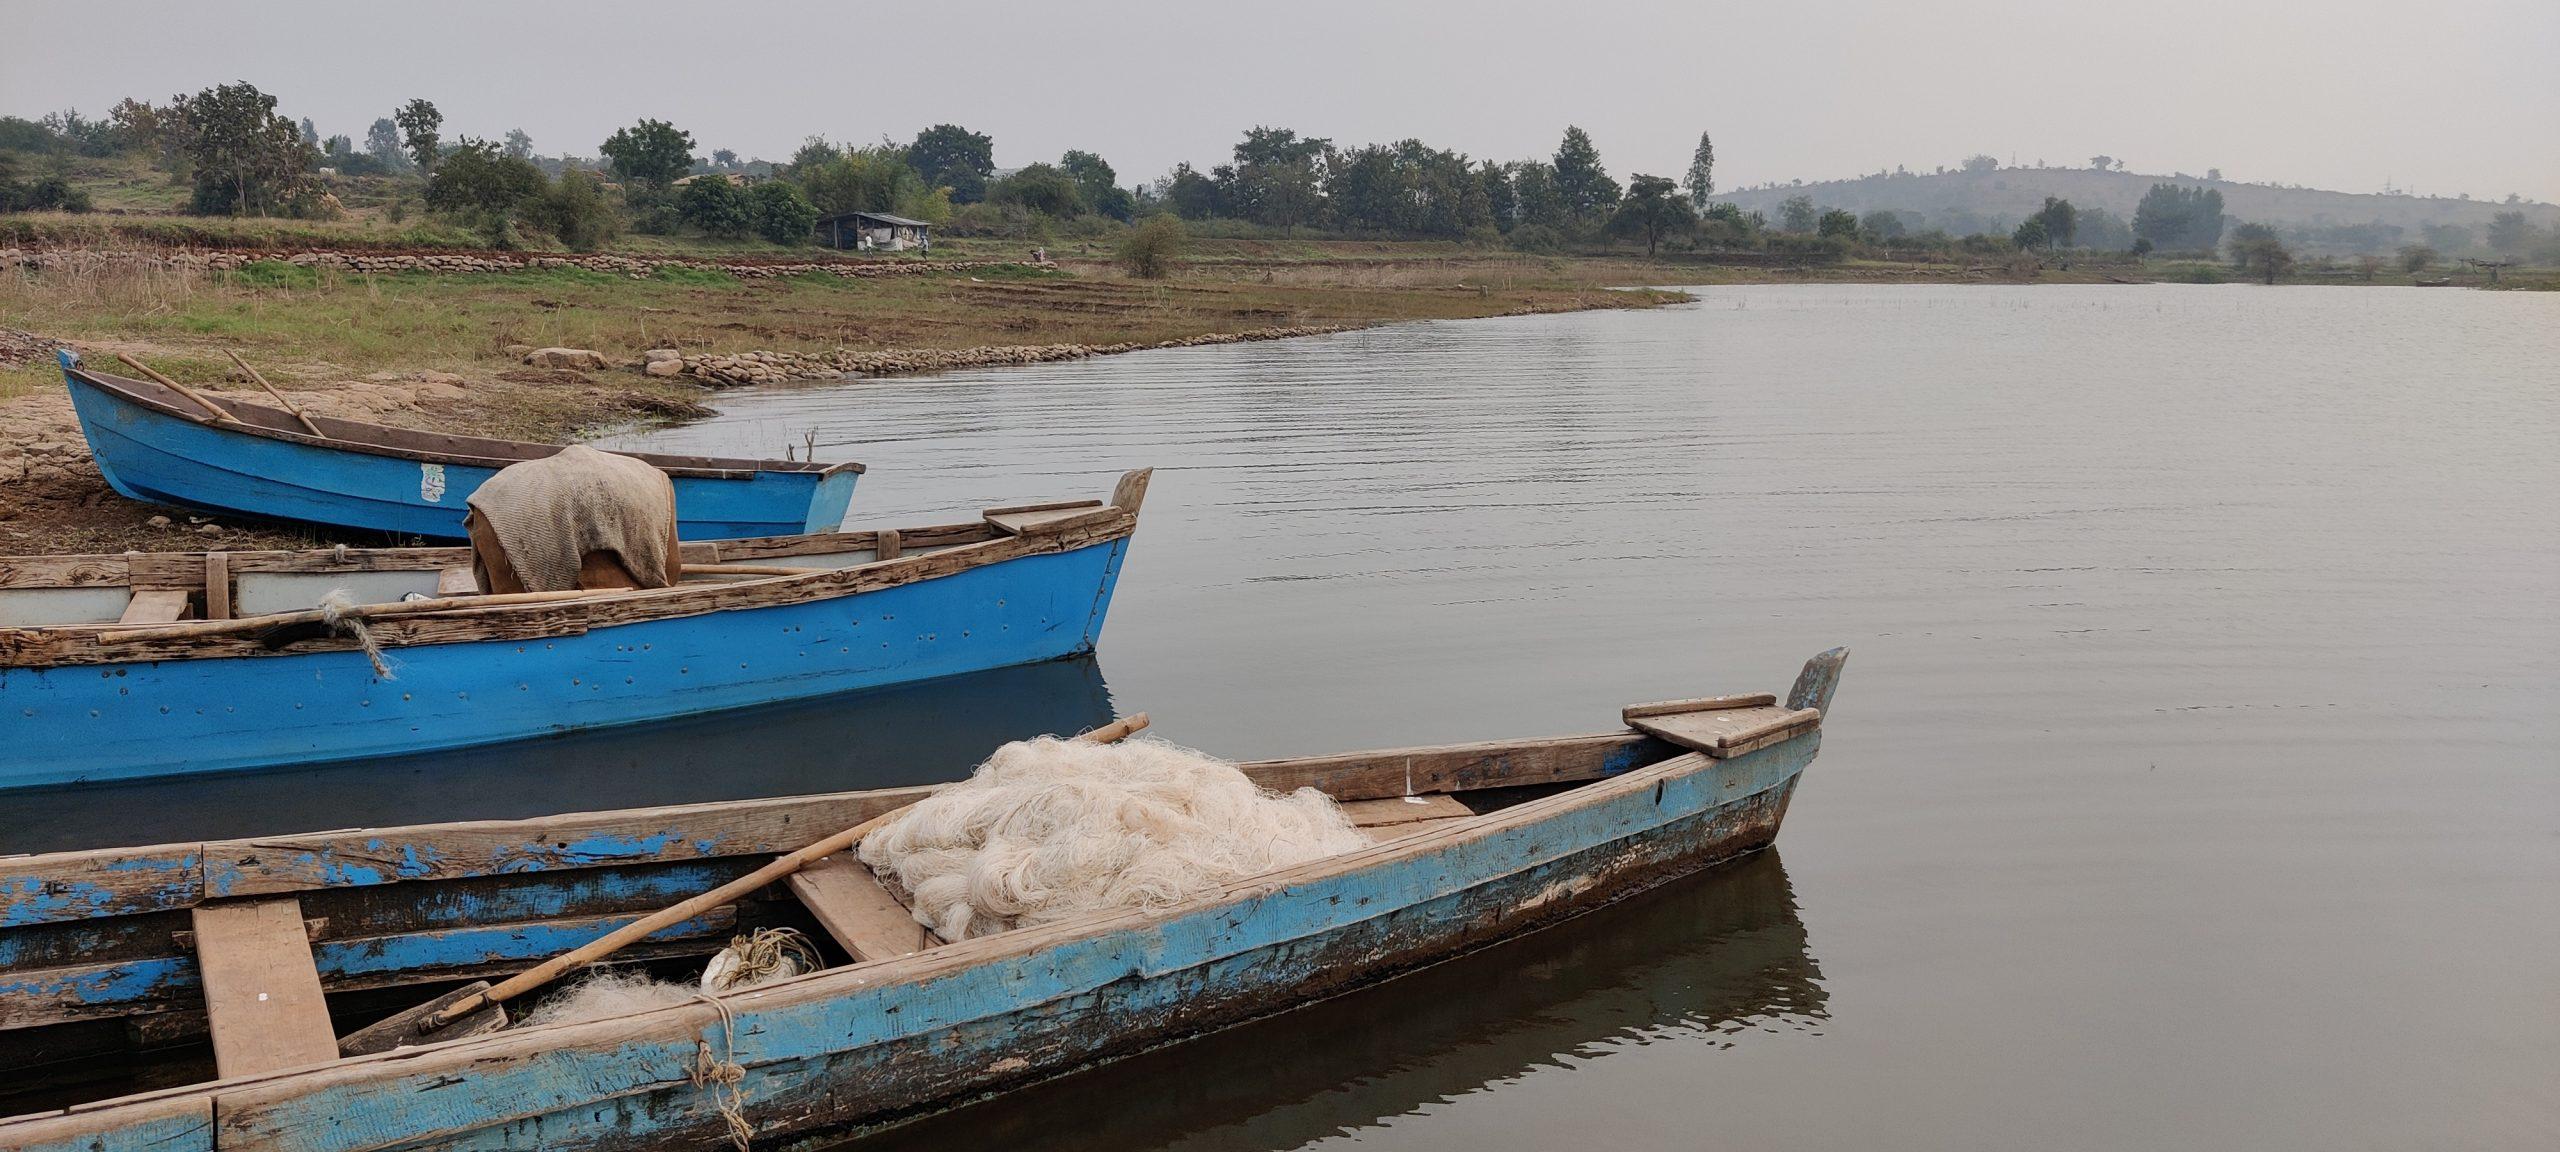 Fishing boats at a seashore